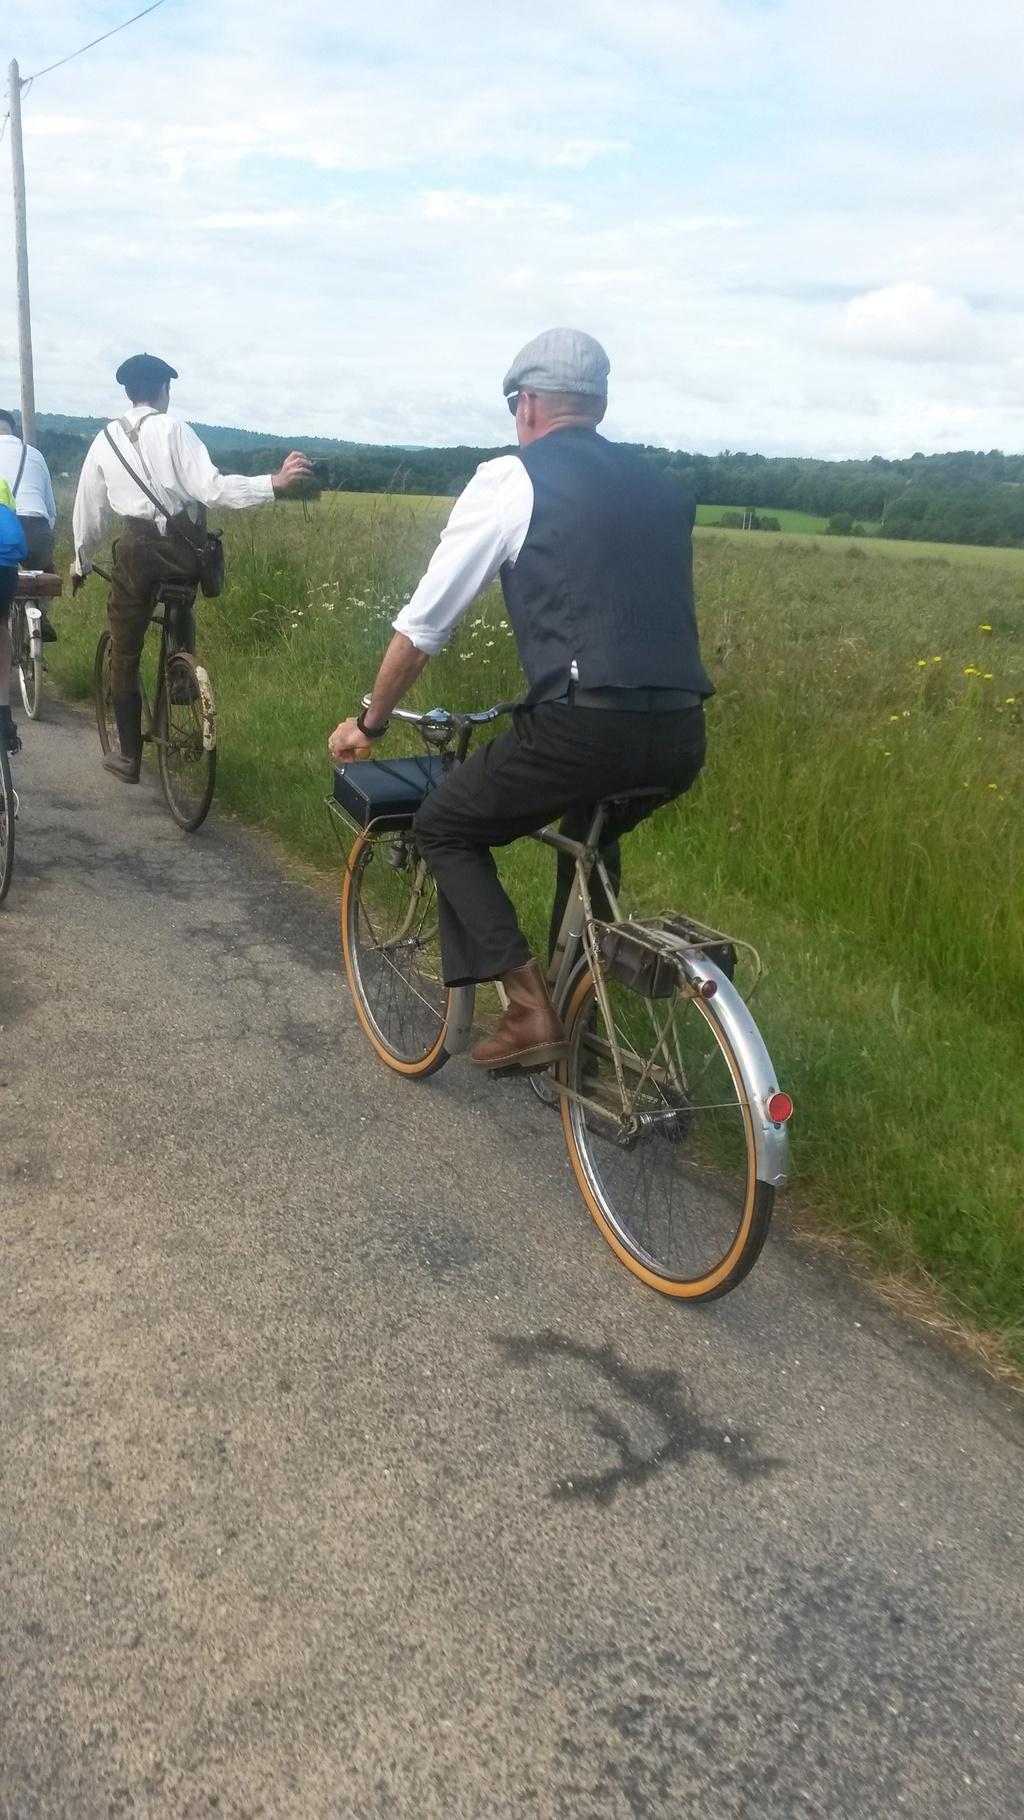 rando vélo vintage 87400 LA MEYZE  ( prés de limoges ) dimanche 10 juin 2018  03510